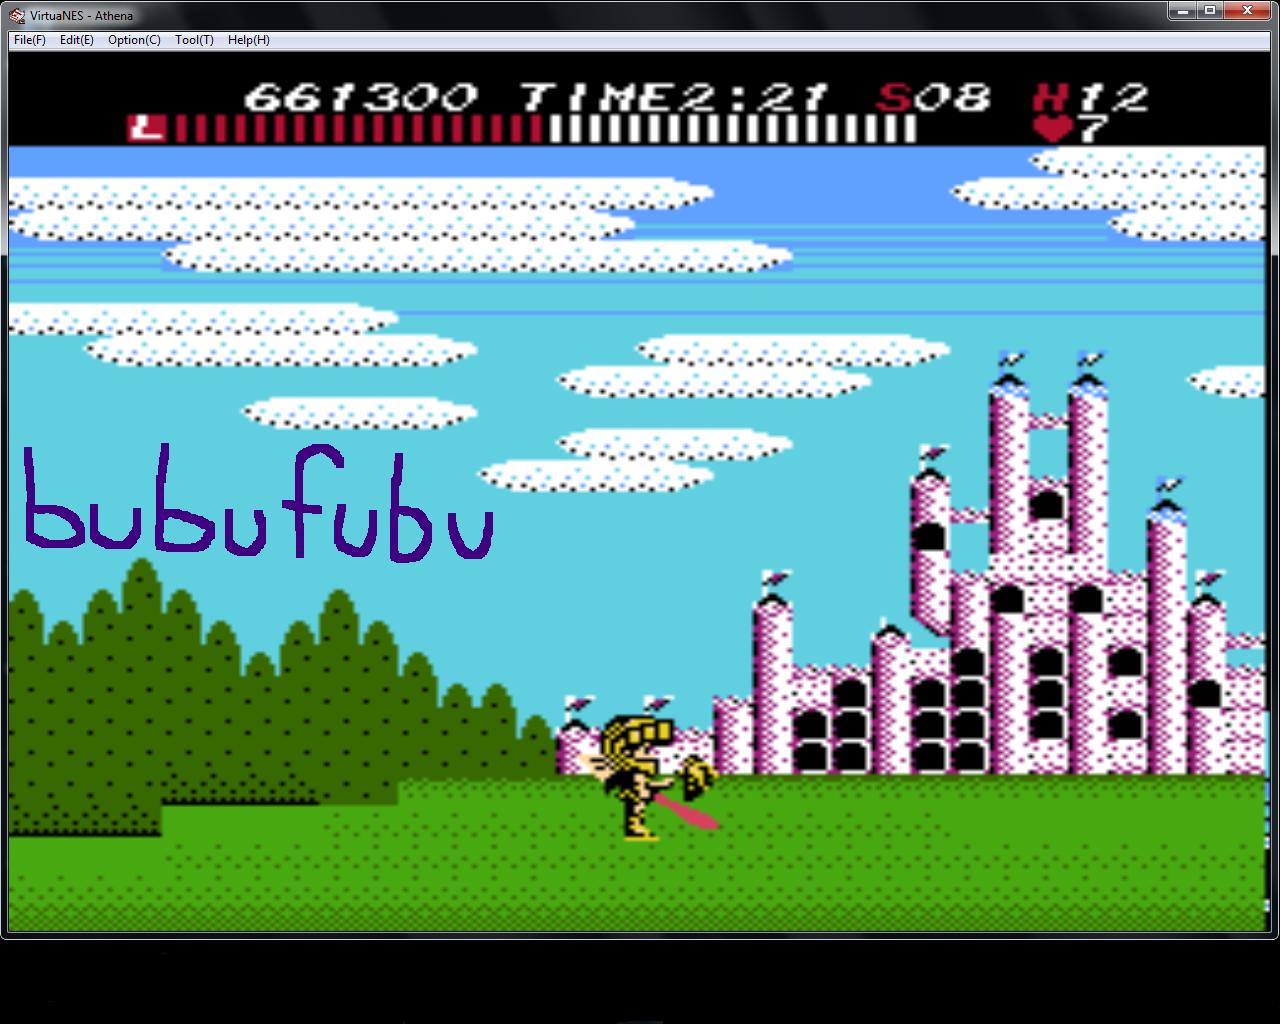 bubufubu: Athena (NES/Famicom Emulated) 661,300 points on 2015-01-29 14:00:22